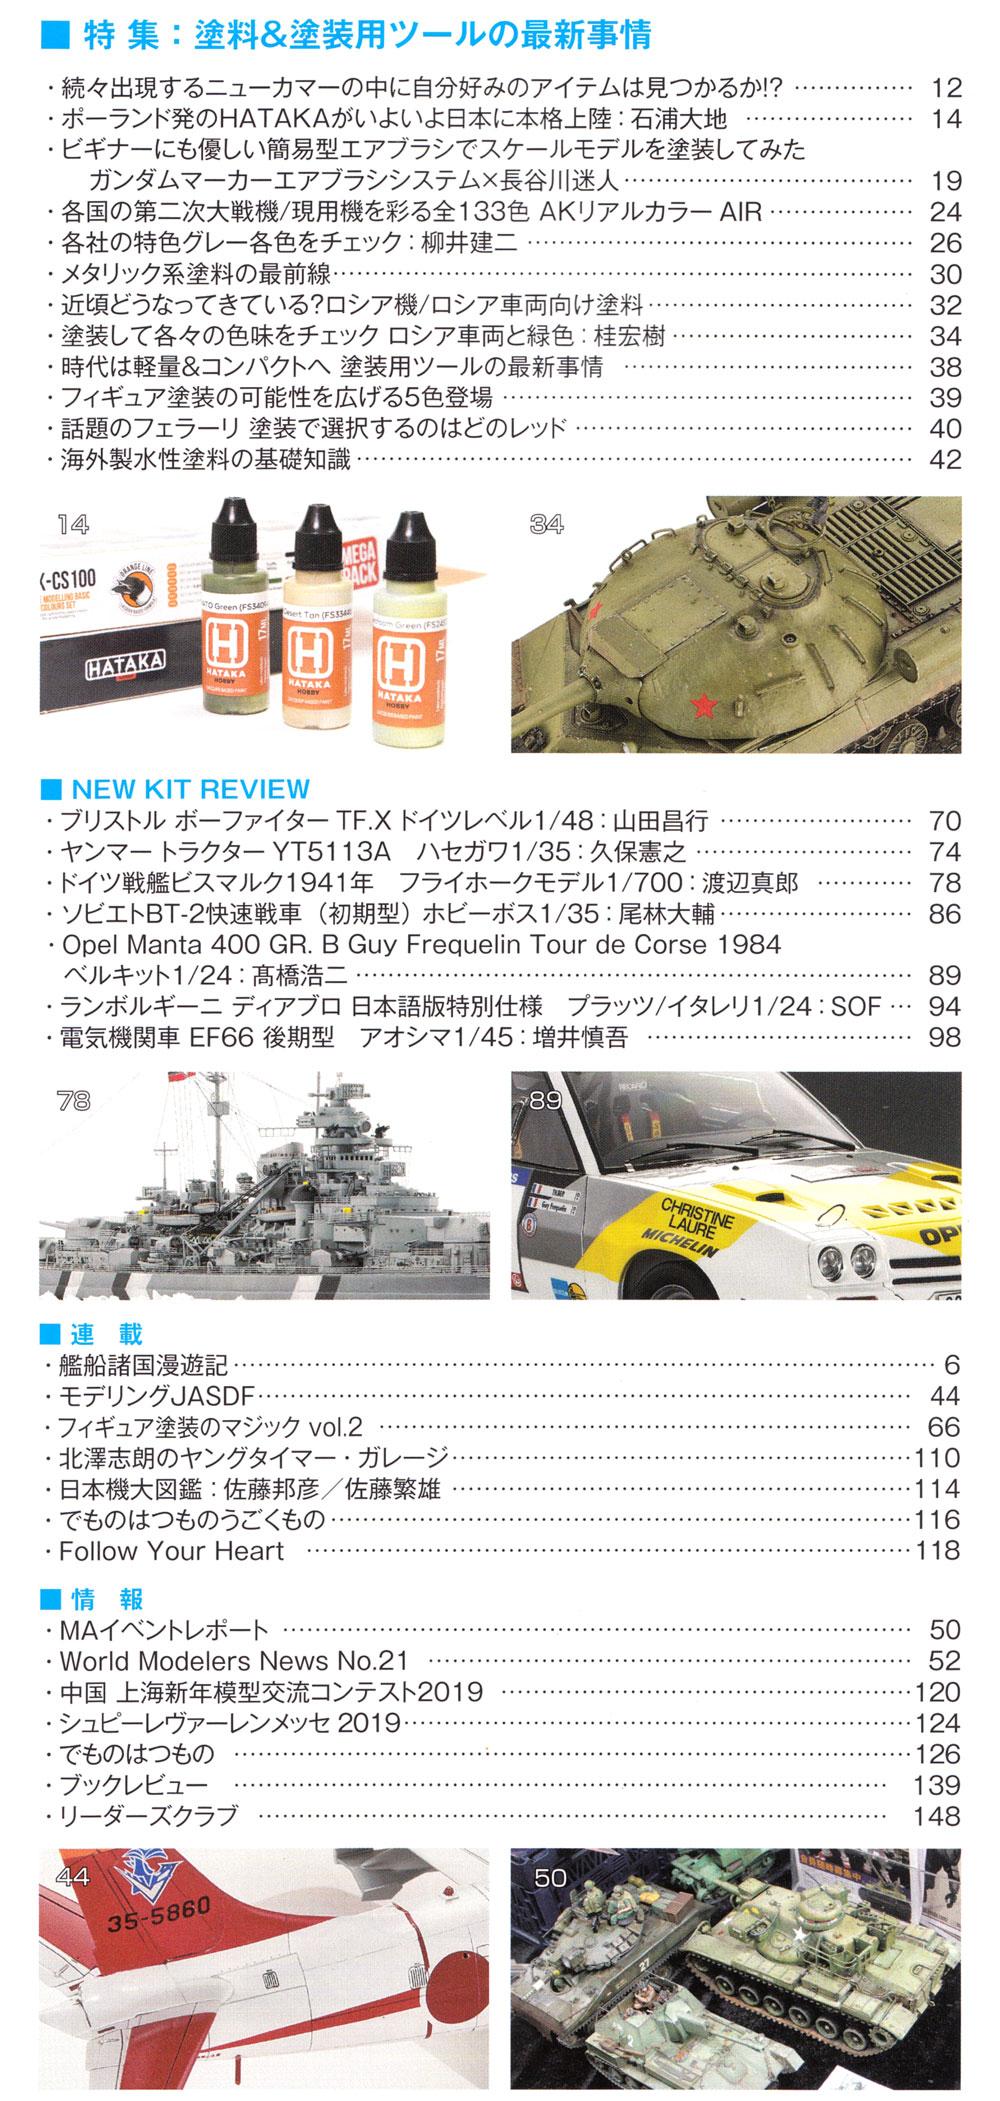 モデルアート 2019年4月号雑誌(モデルアート月刊 モデルアートNo.1010)商品画像_2